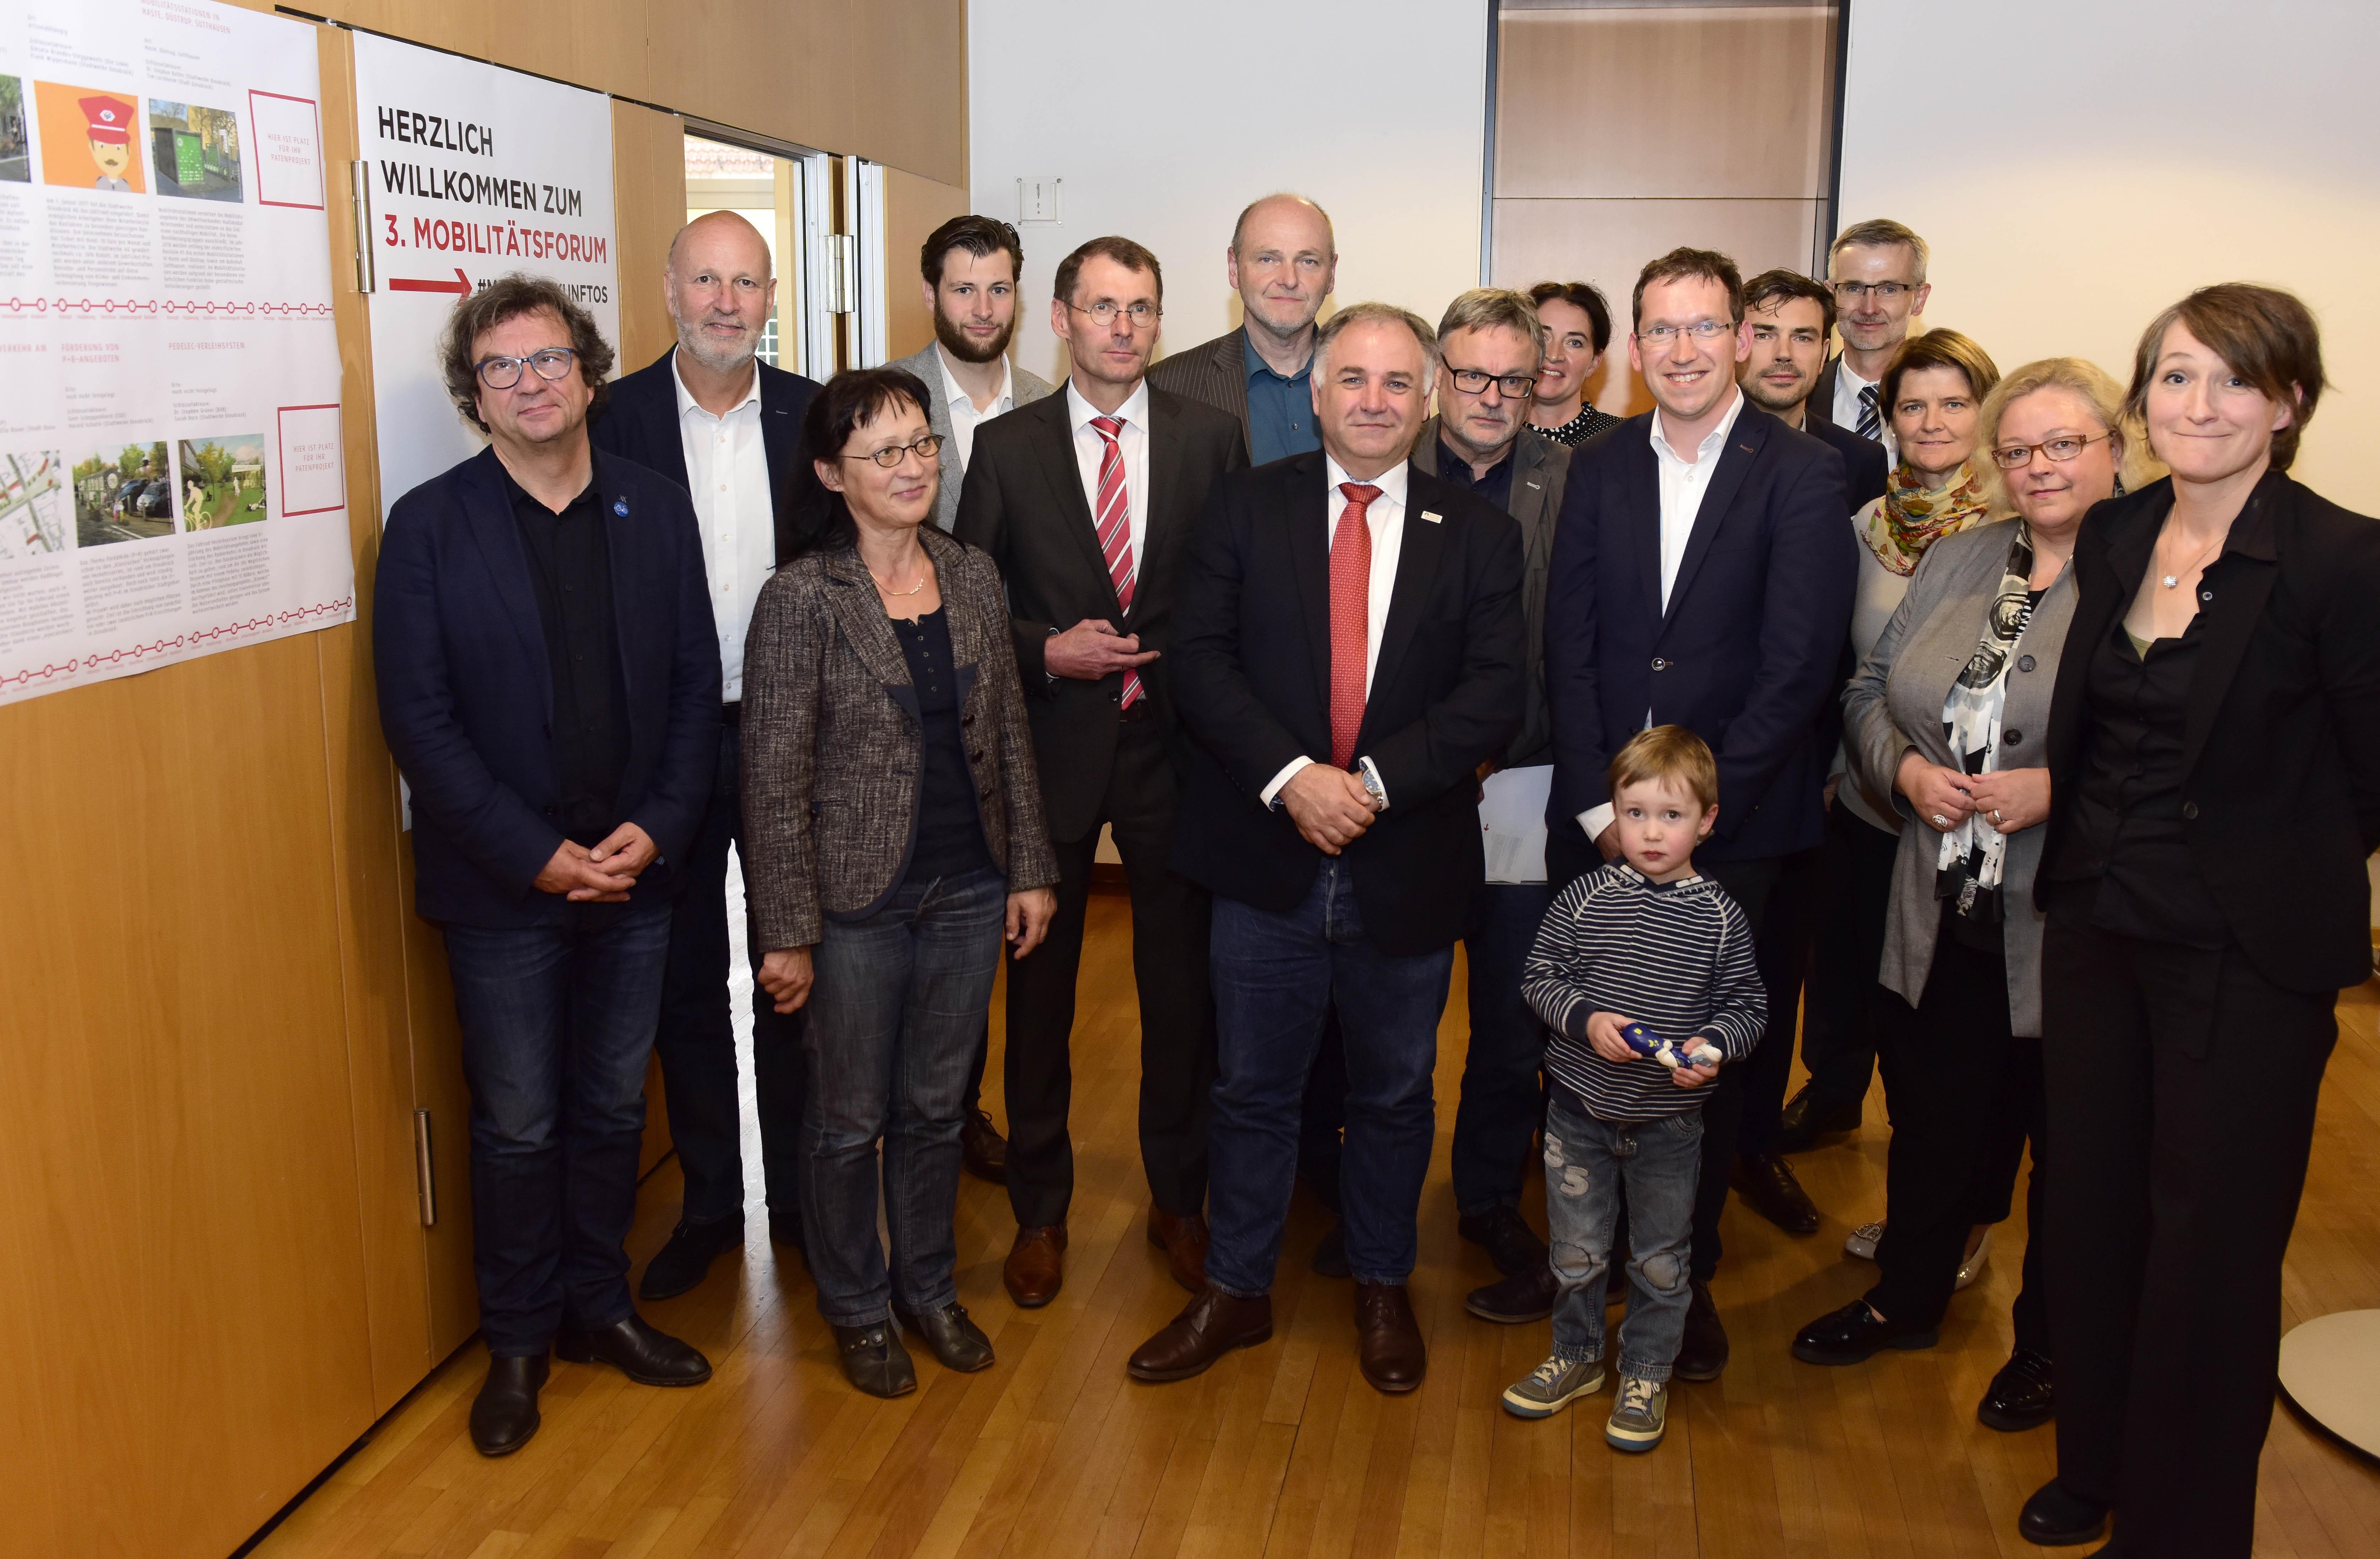 Vertreter aus Wirtschaft, Handel und Verbänden diskutierten beim 3. Mobilitätsforum in der IHK Osnabrück Veränderungen in der städtischen Mobilität (Foto: Hermann Pentermann)